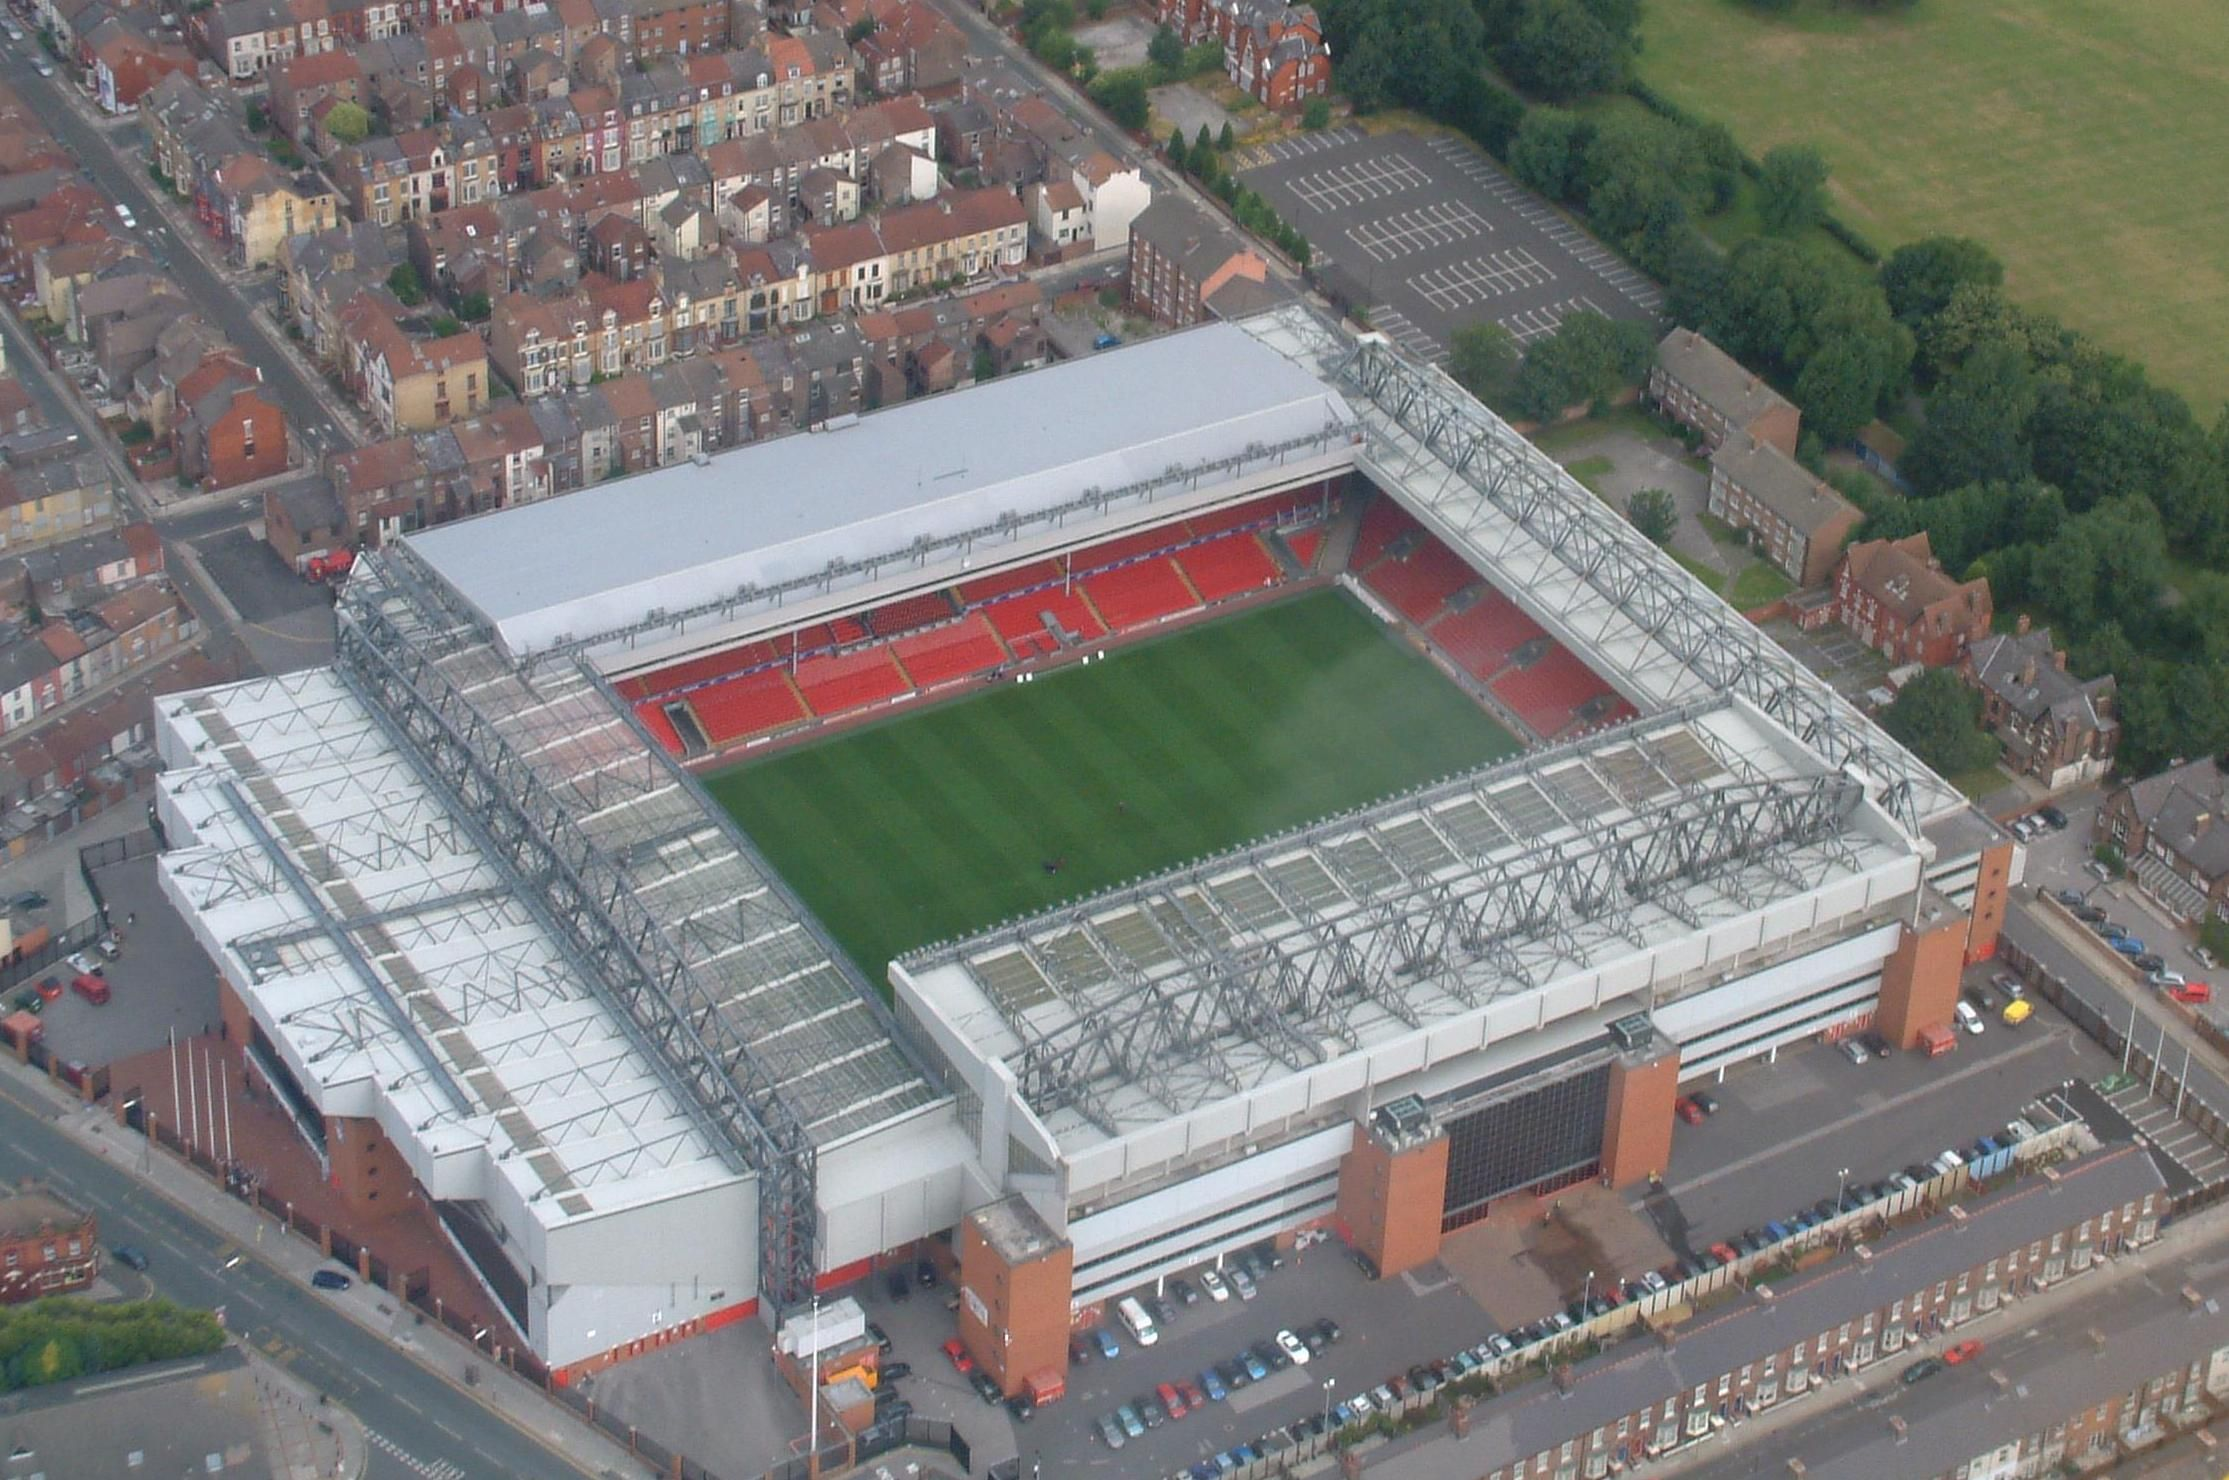 លទ្ធផលរូបភាពសម្រាប់ anfield stadion